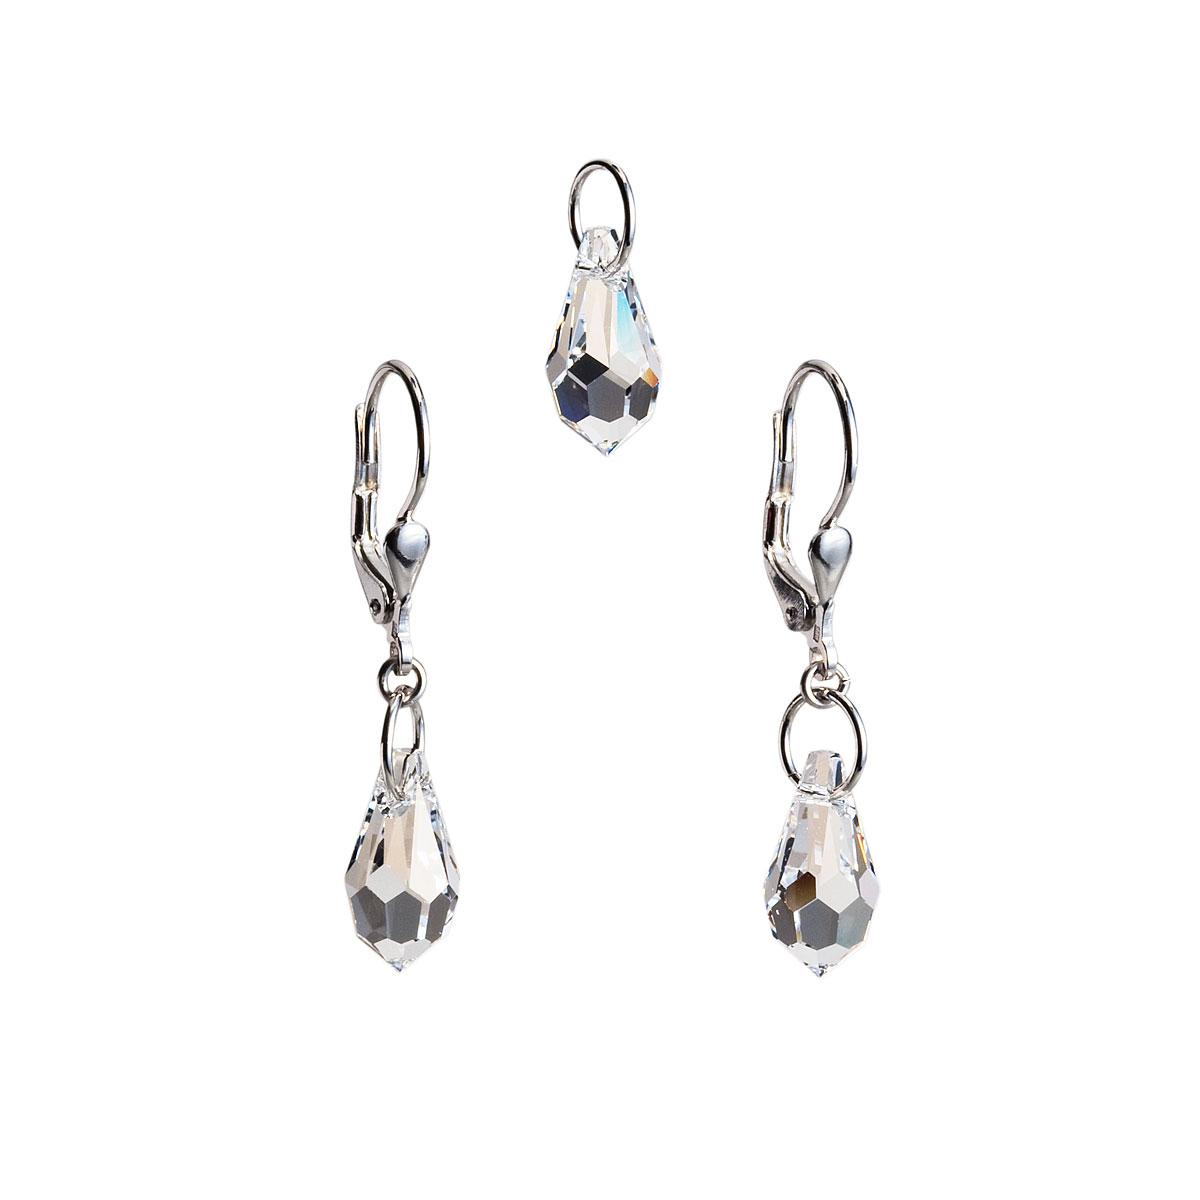 Sada šperků s krystaly Swarovski náušnice a přívěsek bílá slza 39029.1